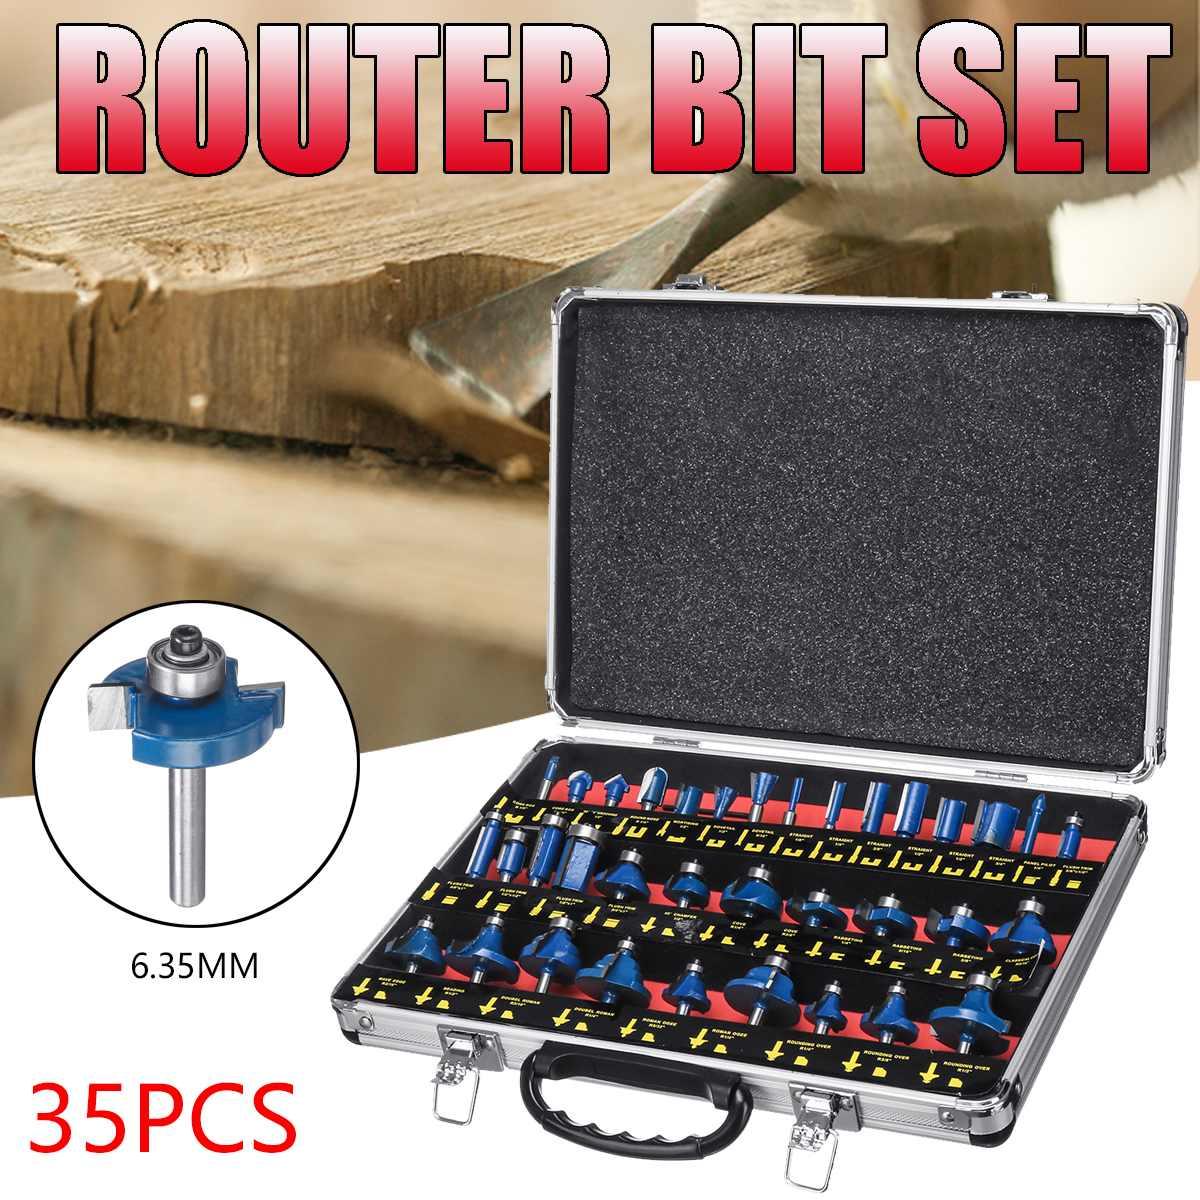 35 pièces 1/4 pouce 6.35mm bois fraise queue routeur Bit ensemble machine de découpage outil pour tondeuse électrique travail du bois Kit de coupe